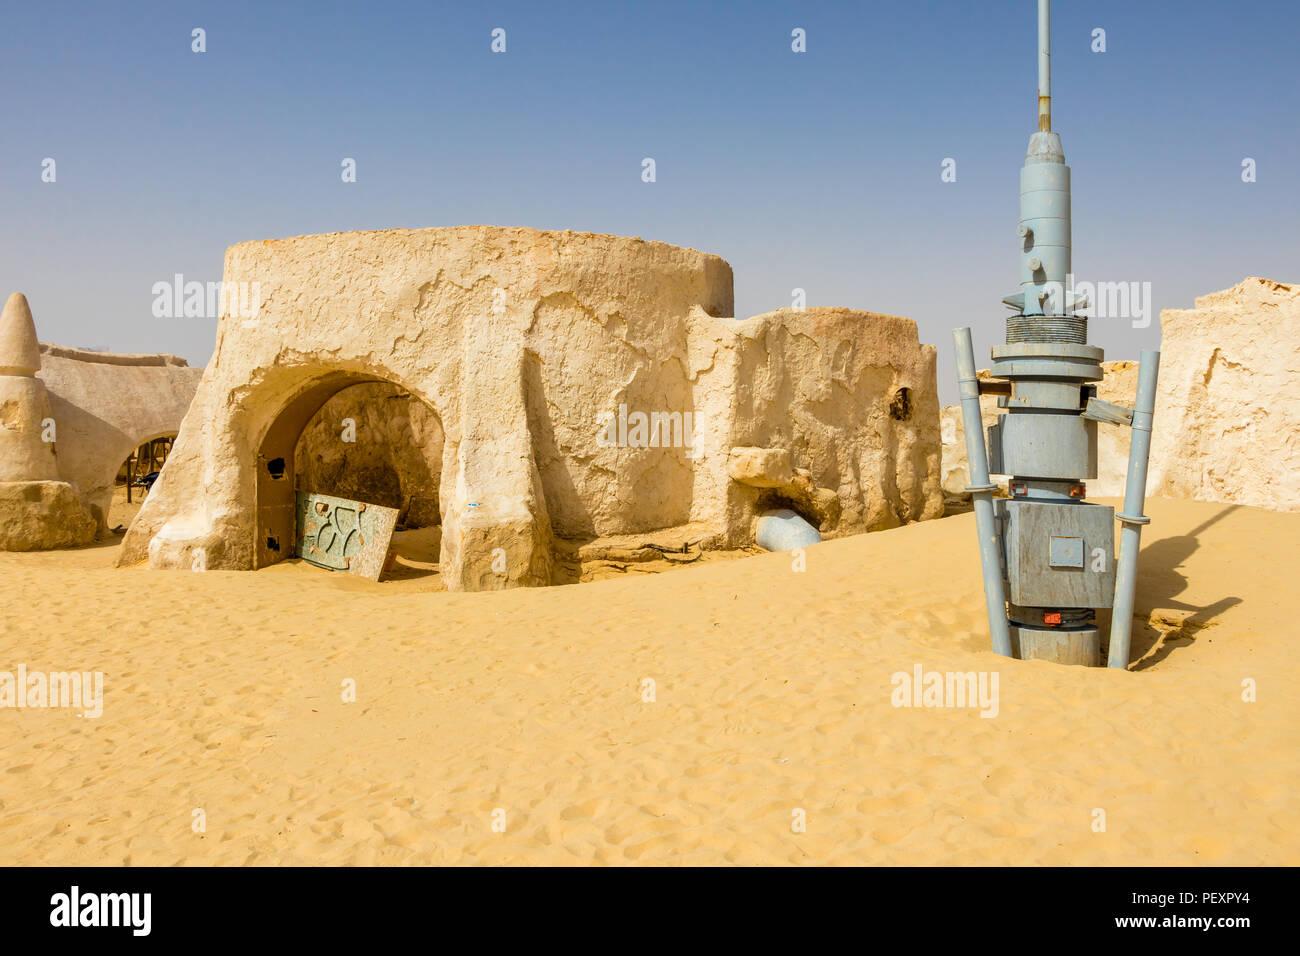 Ancien jeu de la guerre des étoiles dans le désert du Sahara, la Tunisie près de Naftah Photo Stock